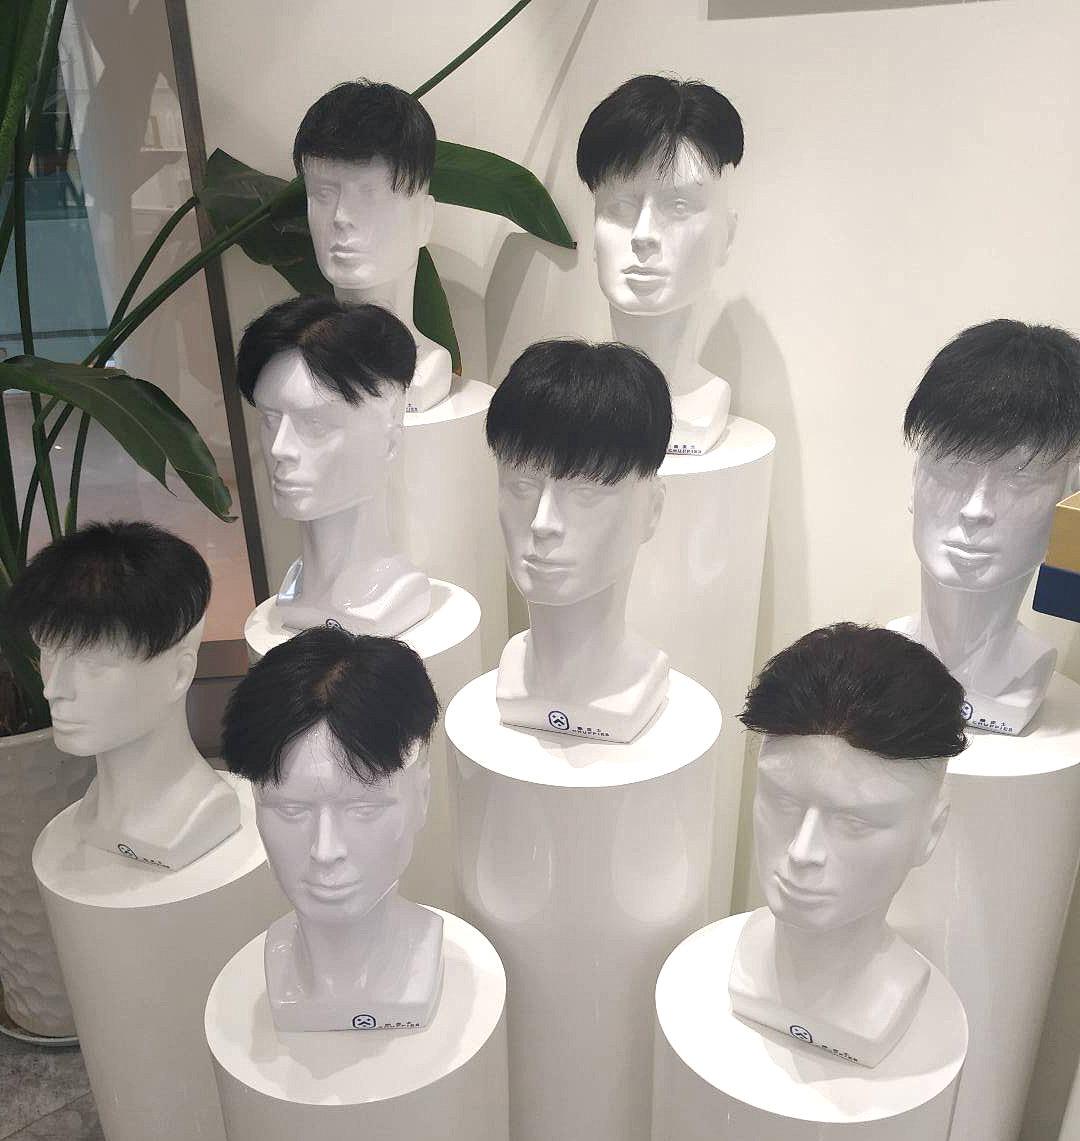 我的头发回来了!先试戴后修剪,最适合自己的发型新鲜出炉啦